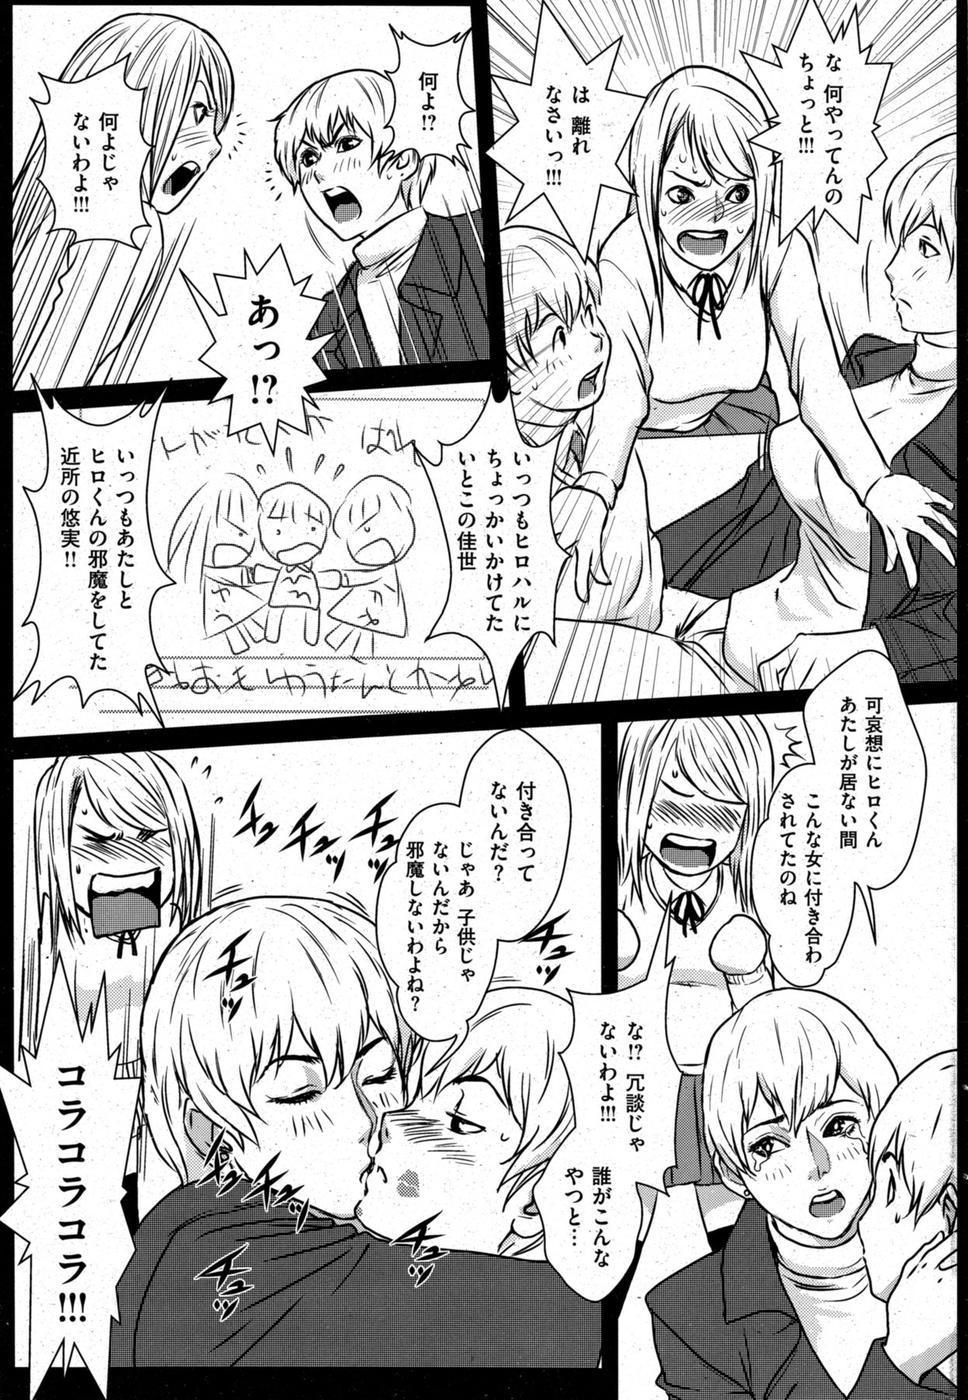 COMIC Shitsurakuten 111